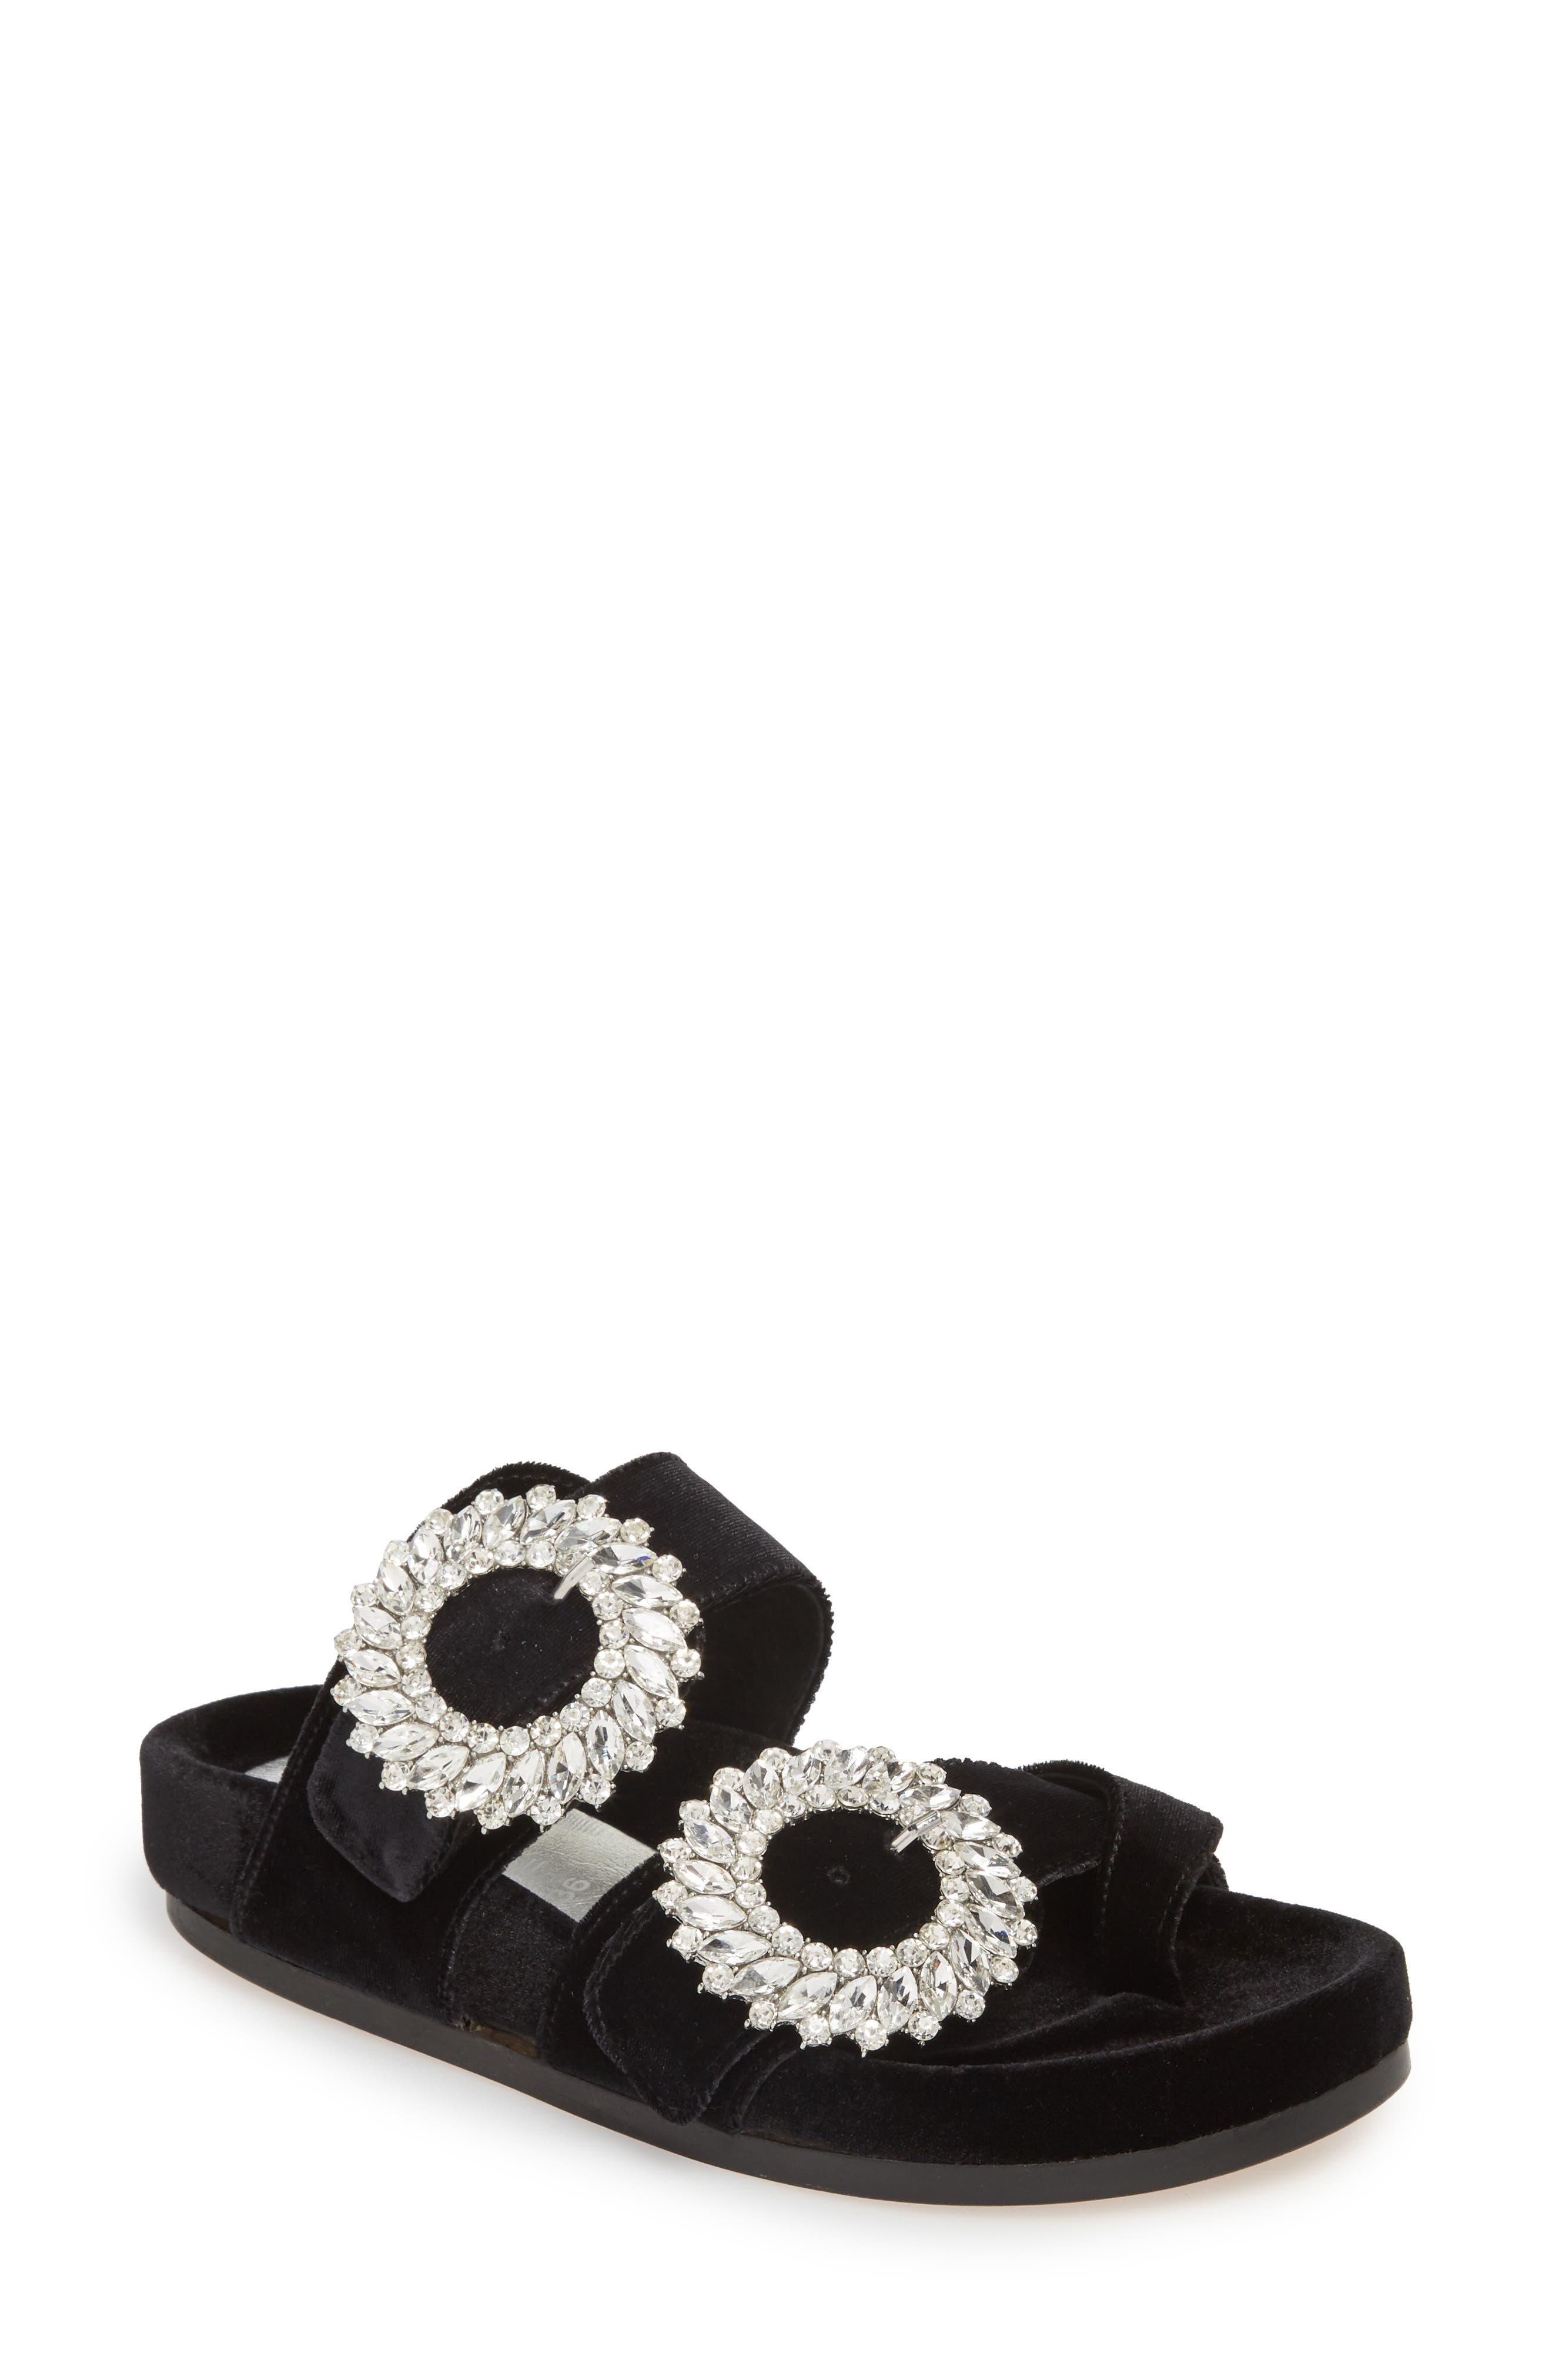 Maui2 Sandal,                         Main,                         color, Black Velvet/ White